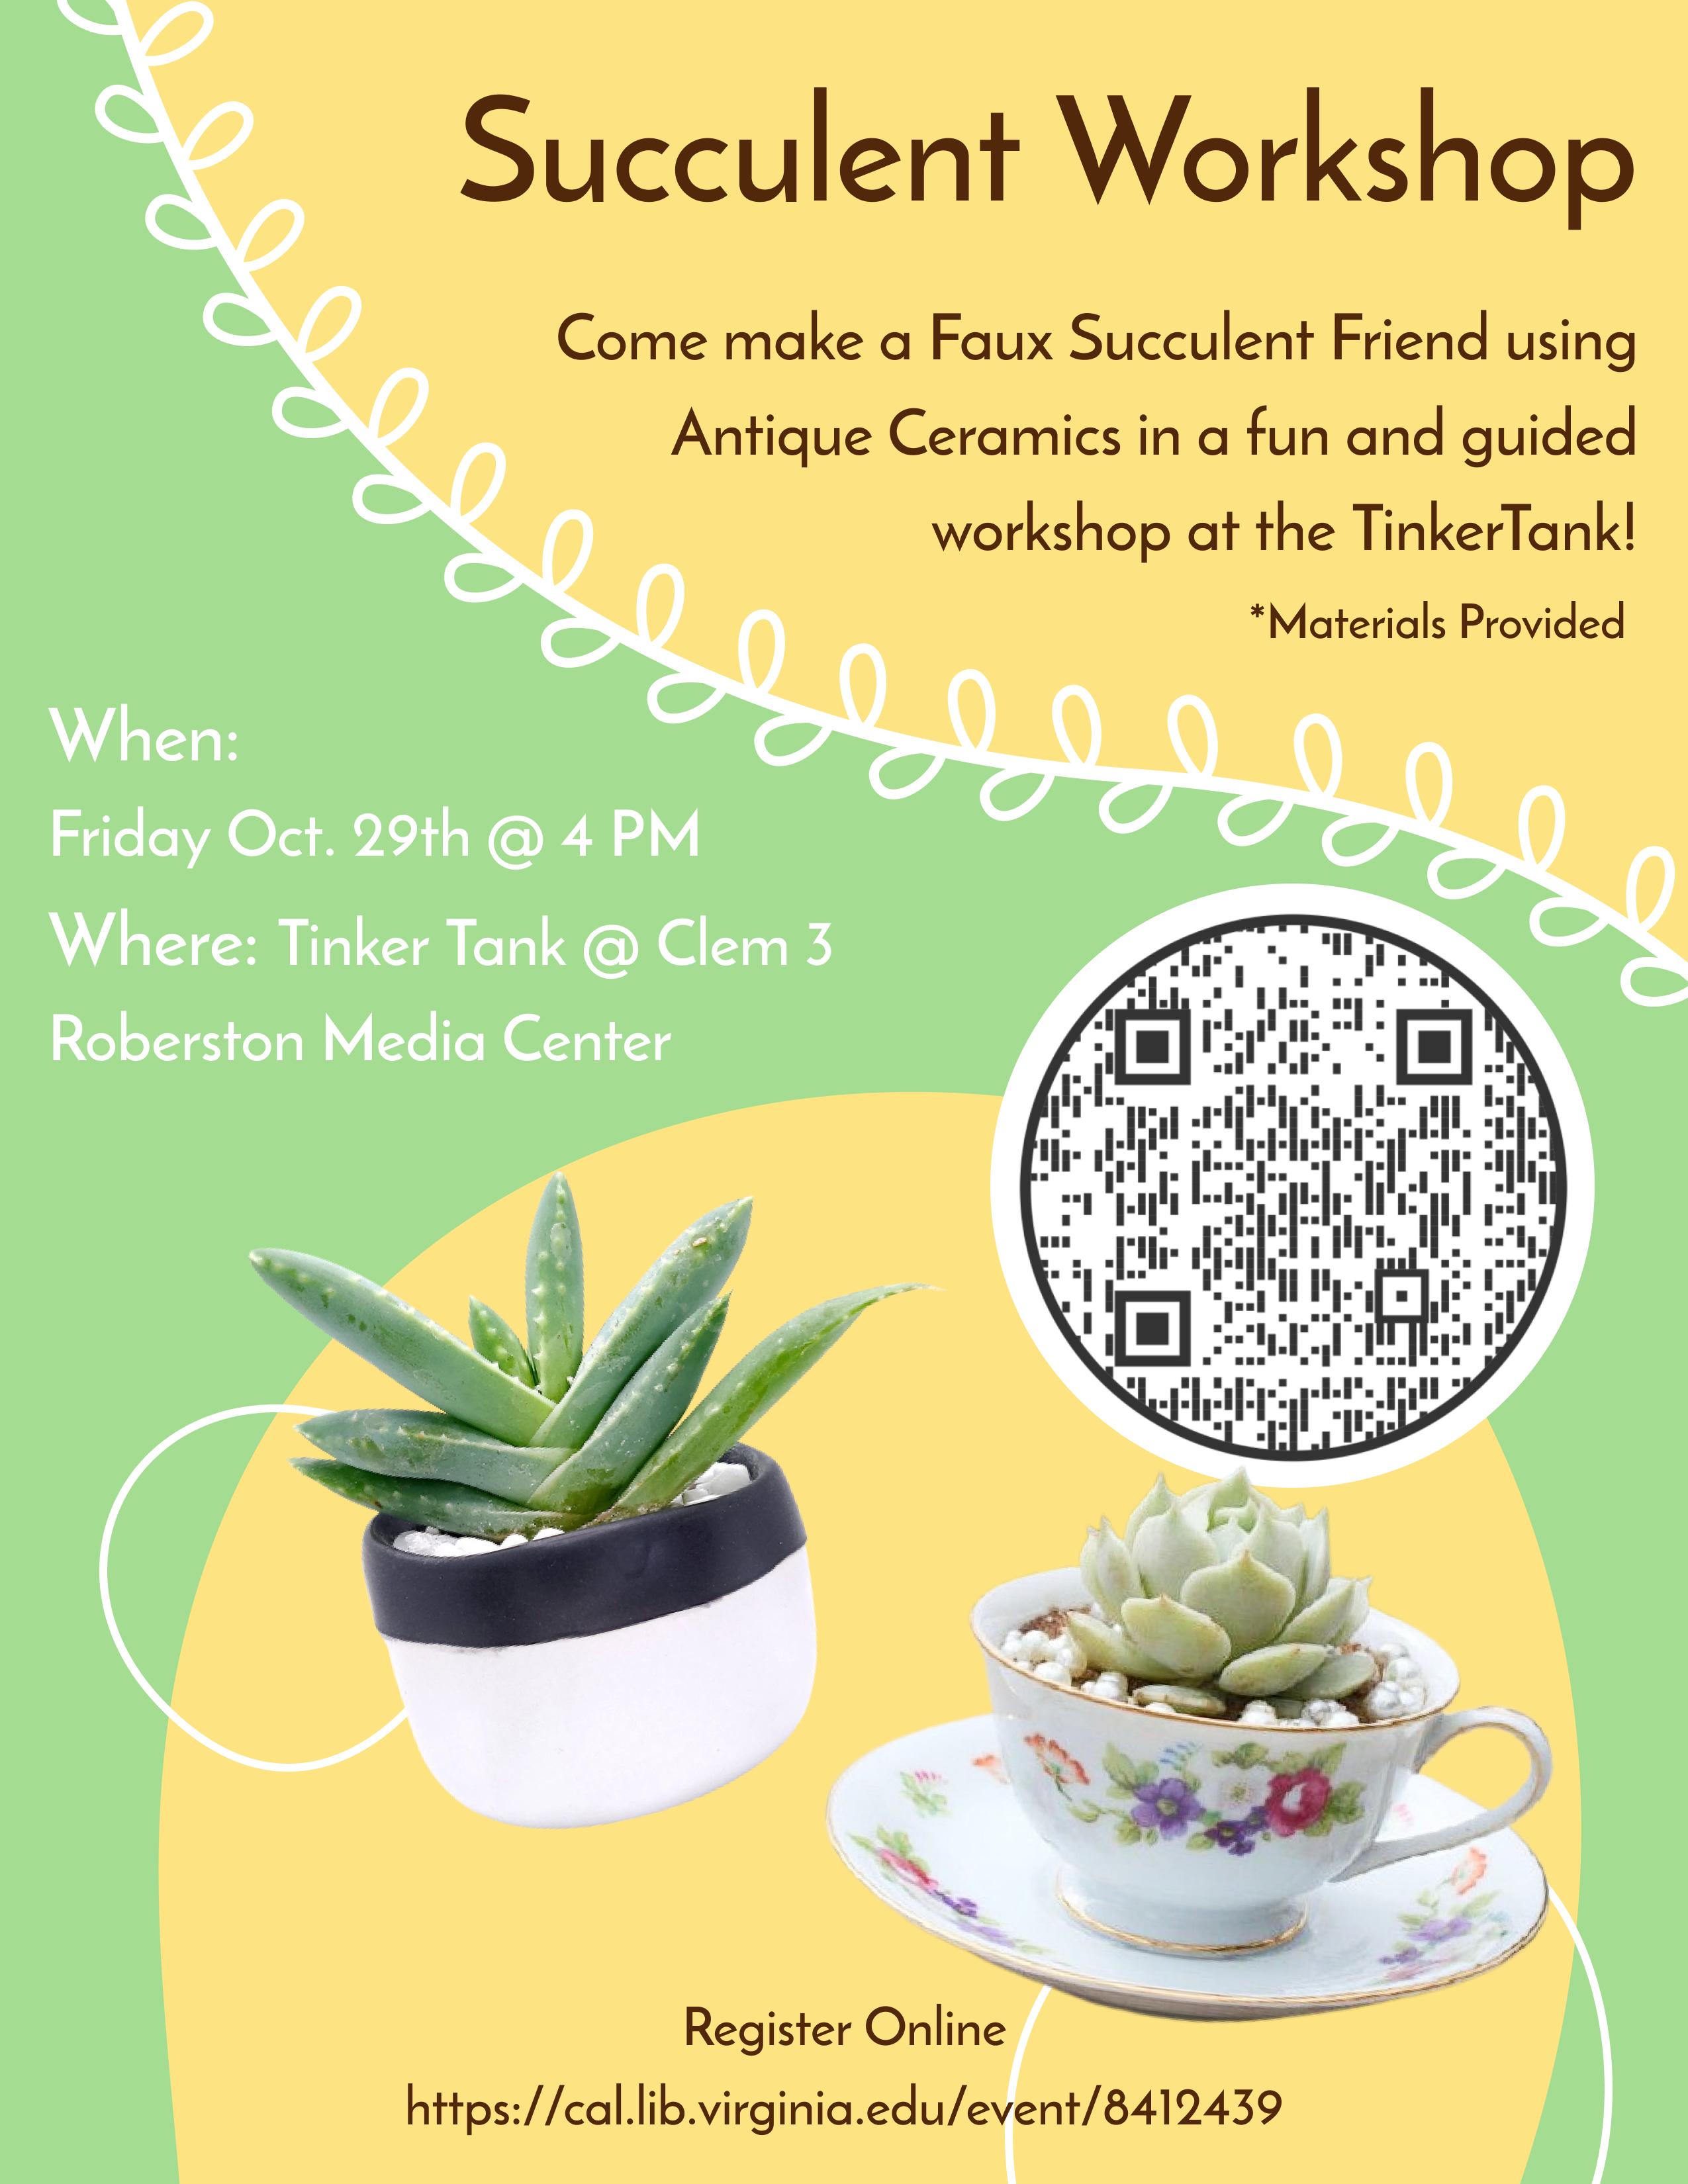 Faux Succulent Friend Workshop